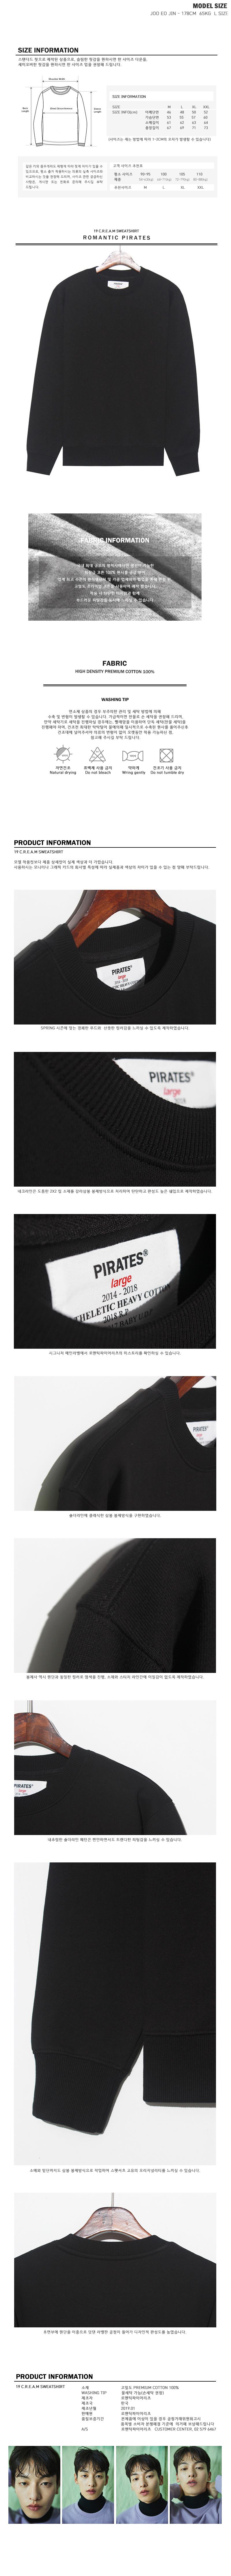 로맨틱 파이어리츠(ROMANTICPIRATES) C.r.e.a.m Sweatshirt (Black)